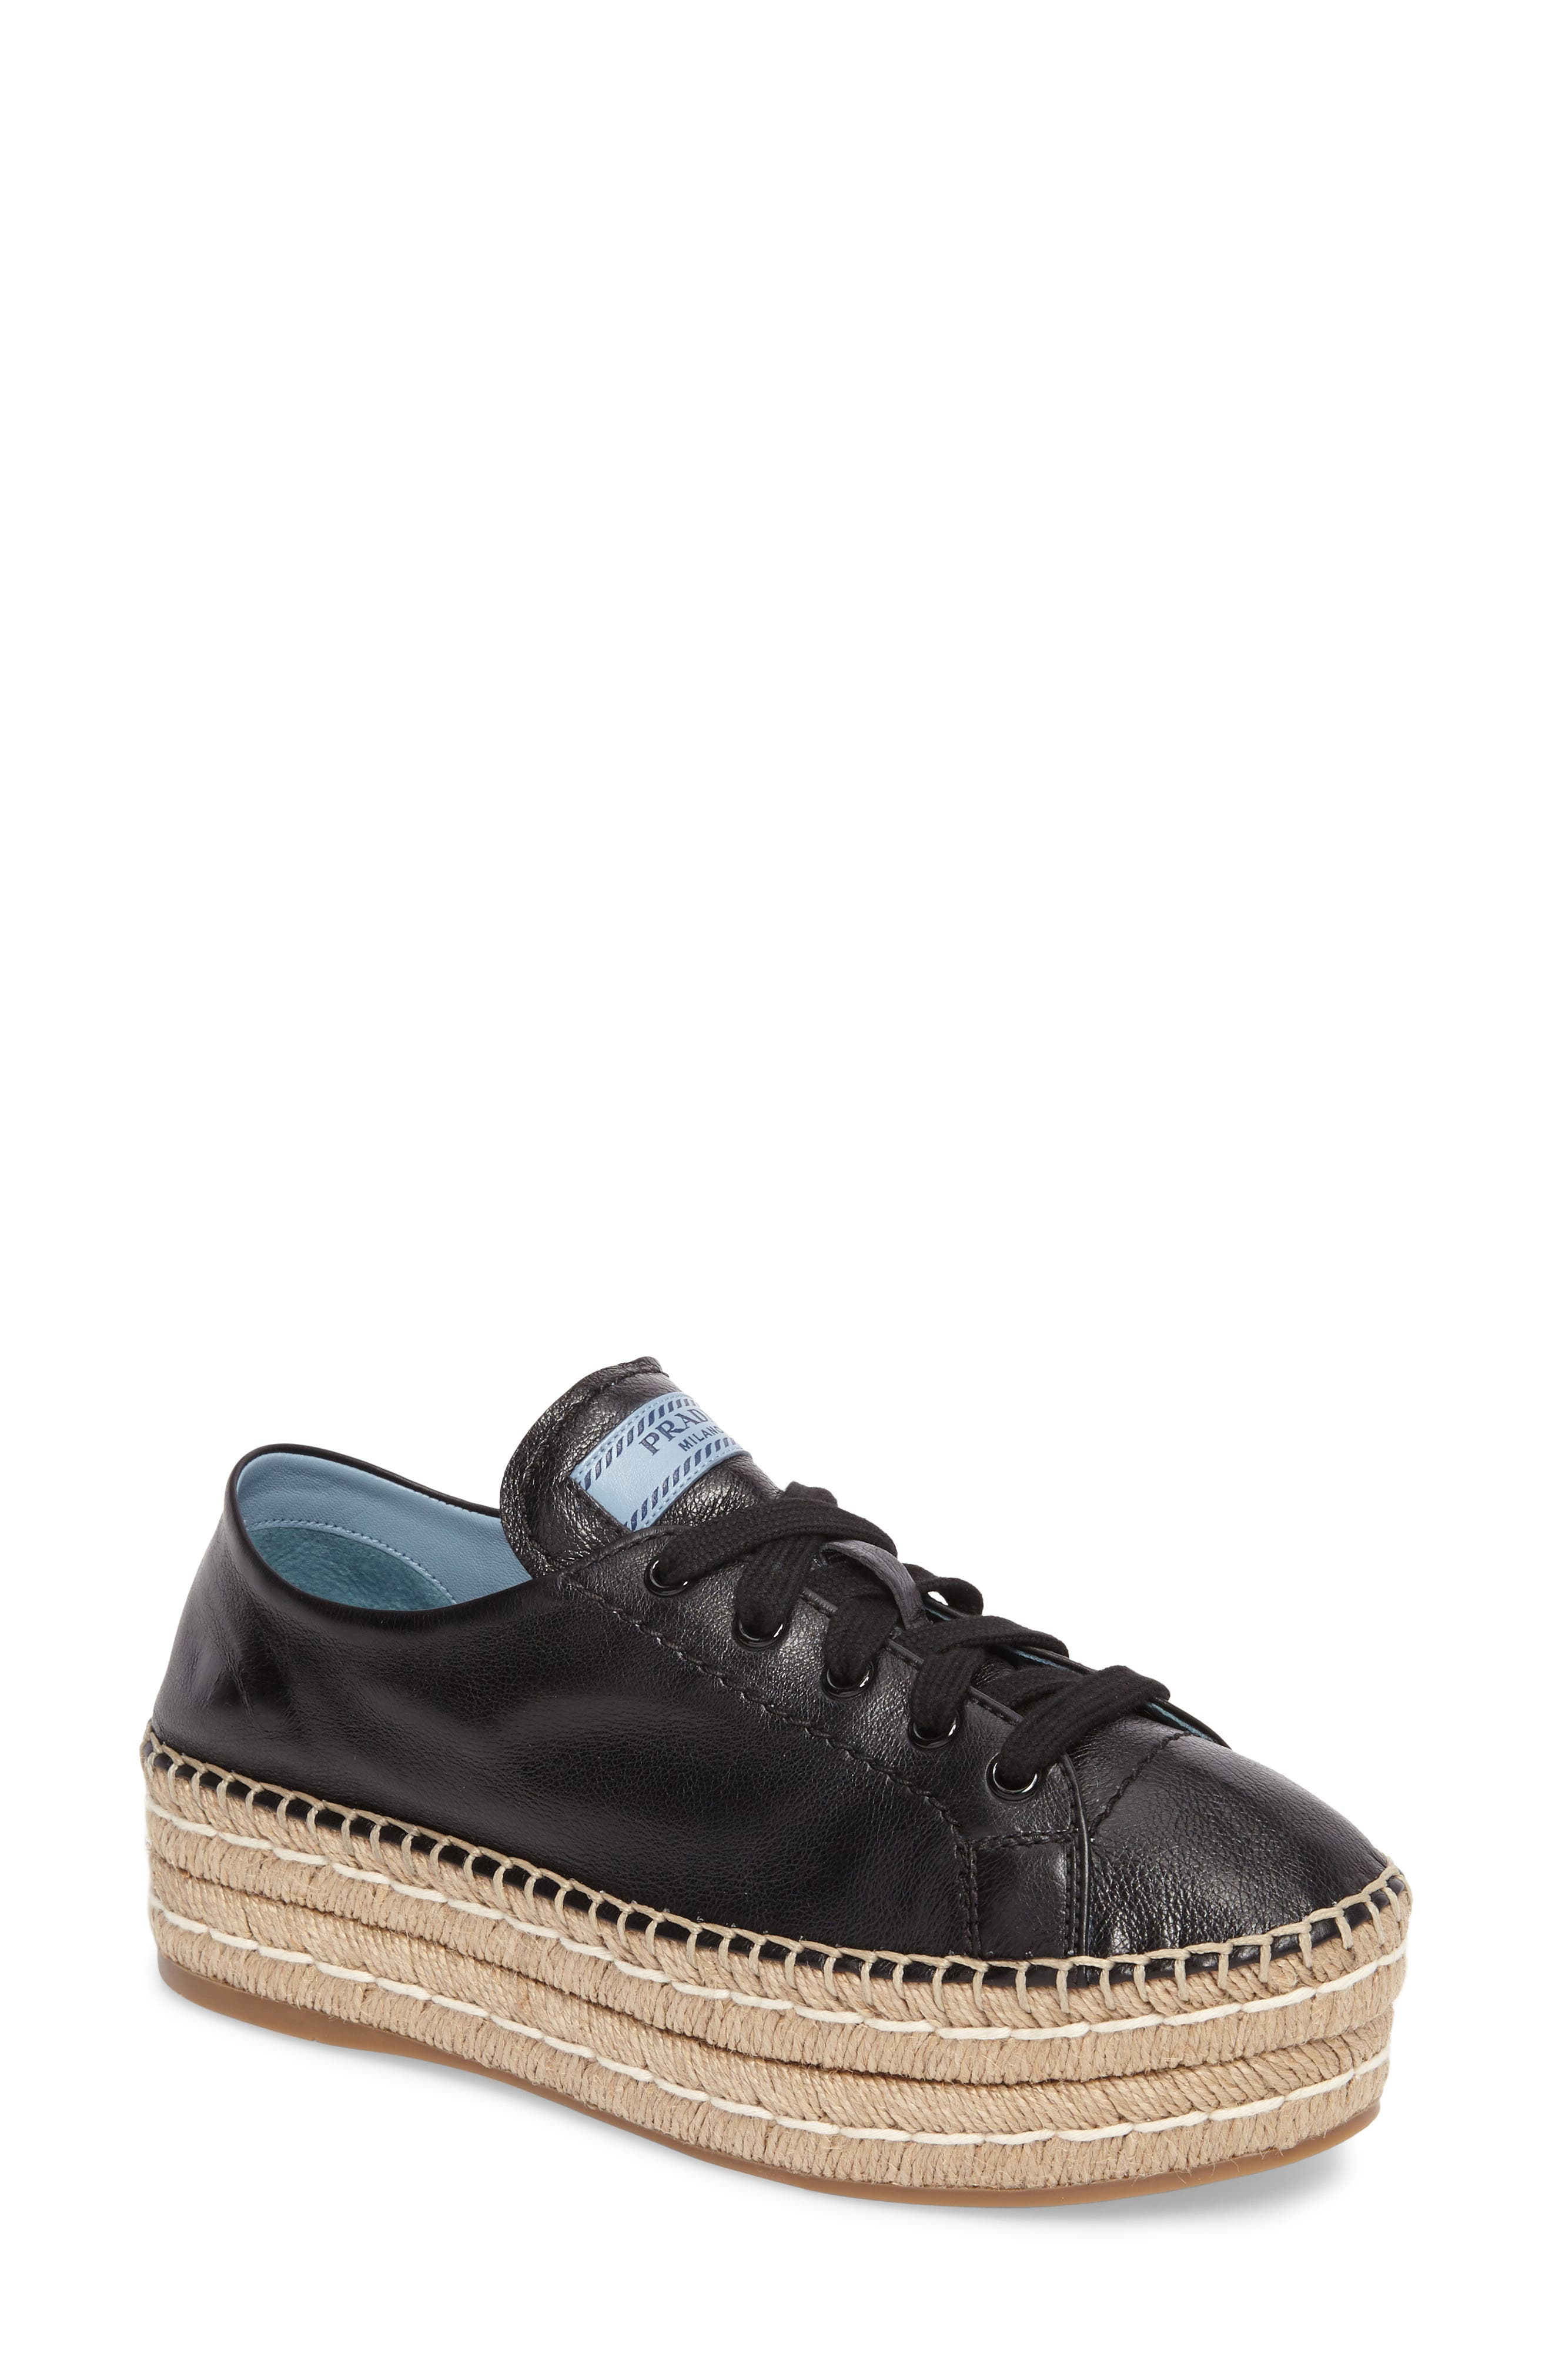 Flatform Espadrille Sneaker,                         Main,                         color, Black